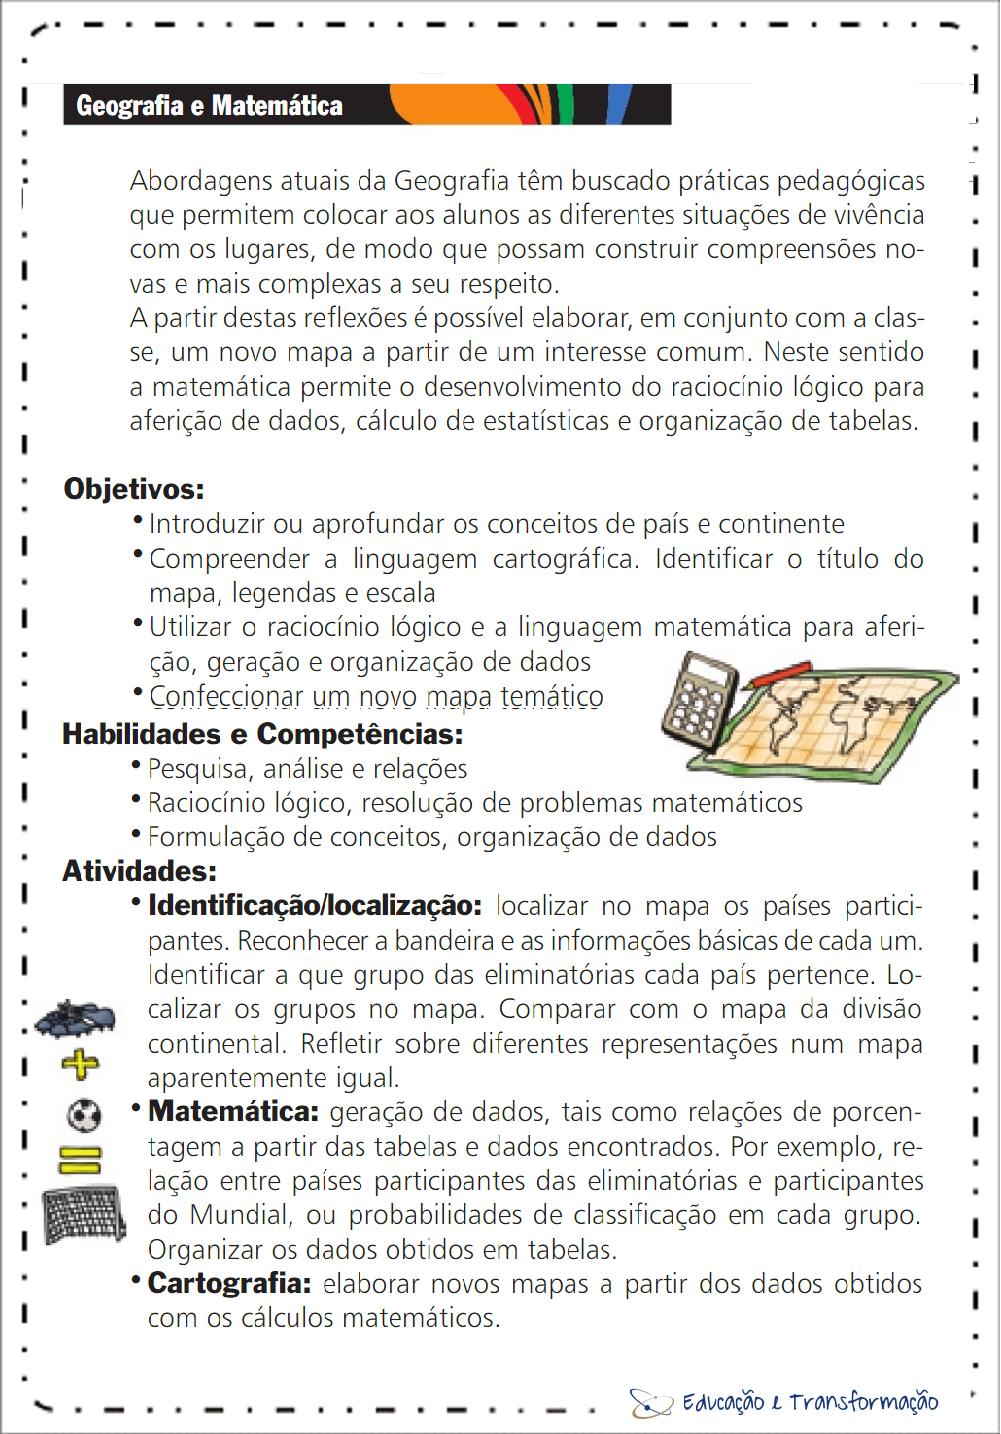 Projeto Copa do Mundo de Geografia e Matemática para imprimir